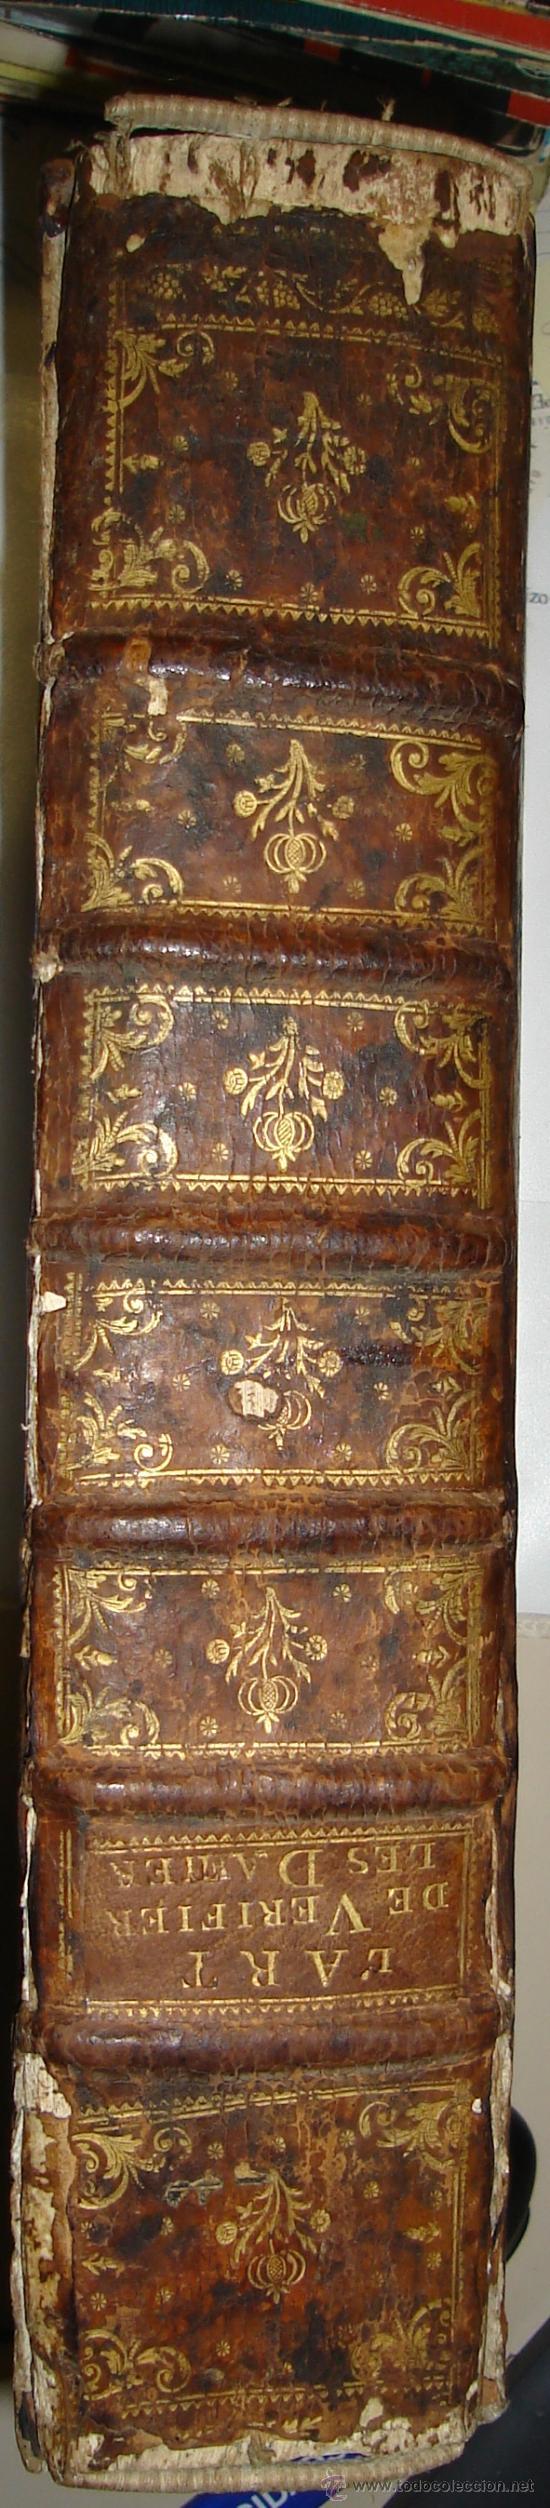 Libros antiguos: 1770,Arte de Verificar los Datos,tanto Históricos,Monumentos,París,Excepcional!!!,Gran Tamaño!!!! - Foto 3 - 28133198